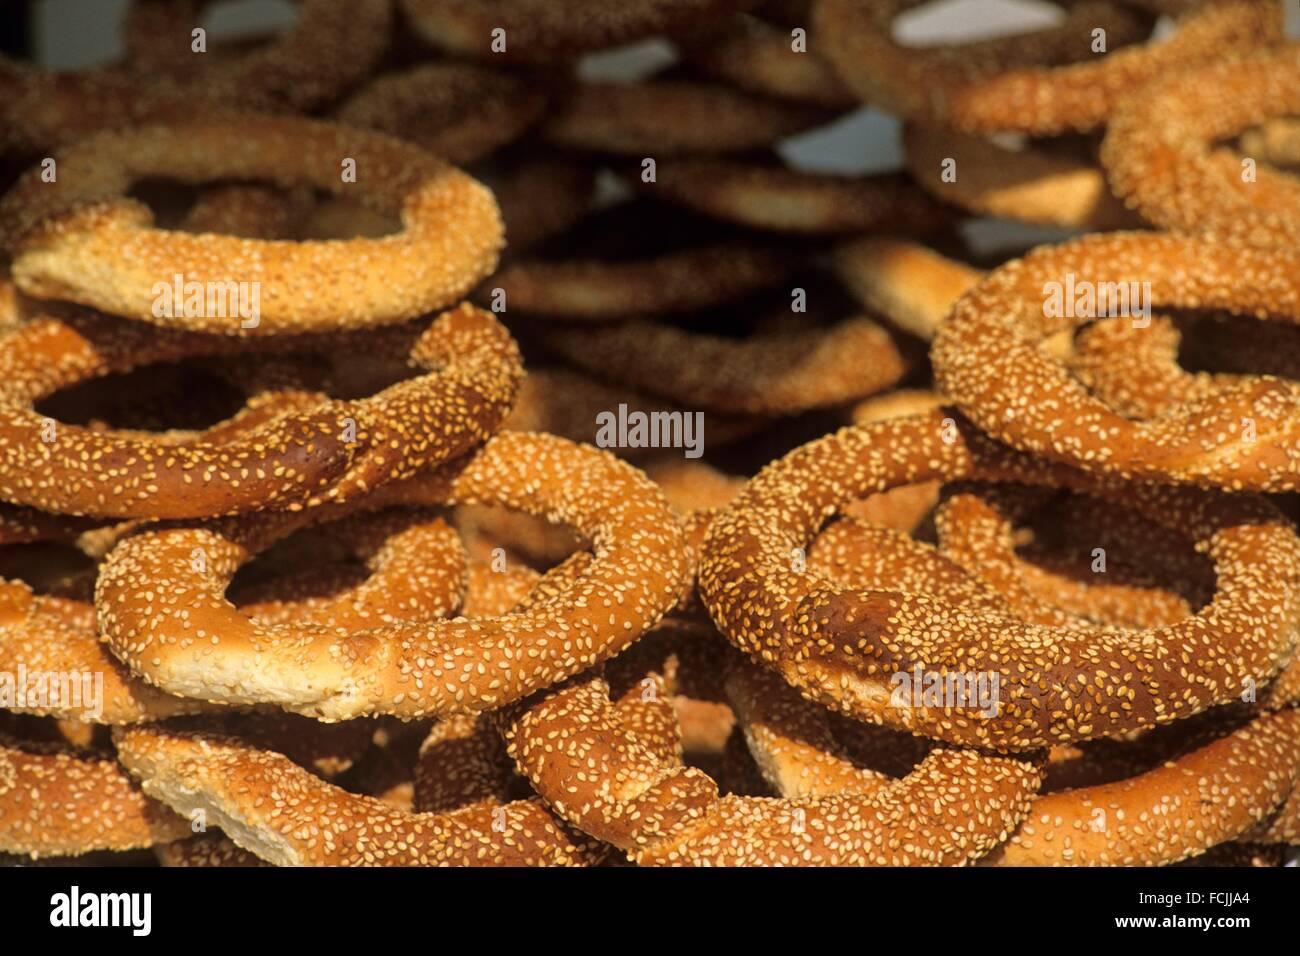 Un pane di forma circolare con semi di sesamo, Grecia, Europa meridionale. Immagini Stock